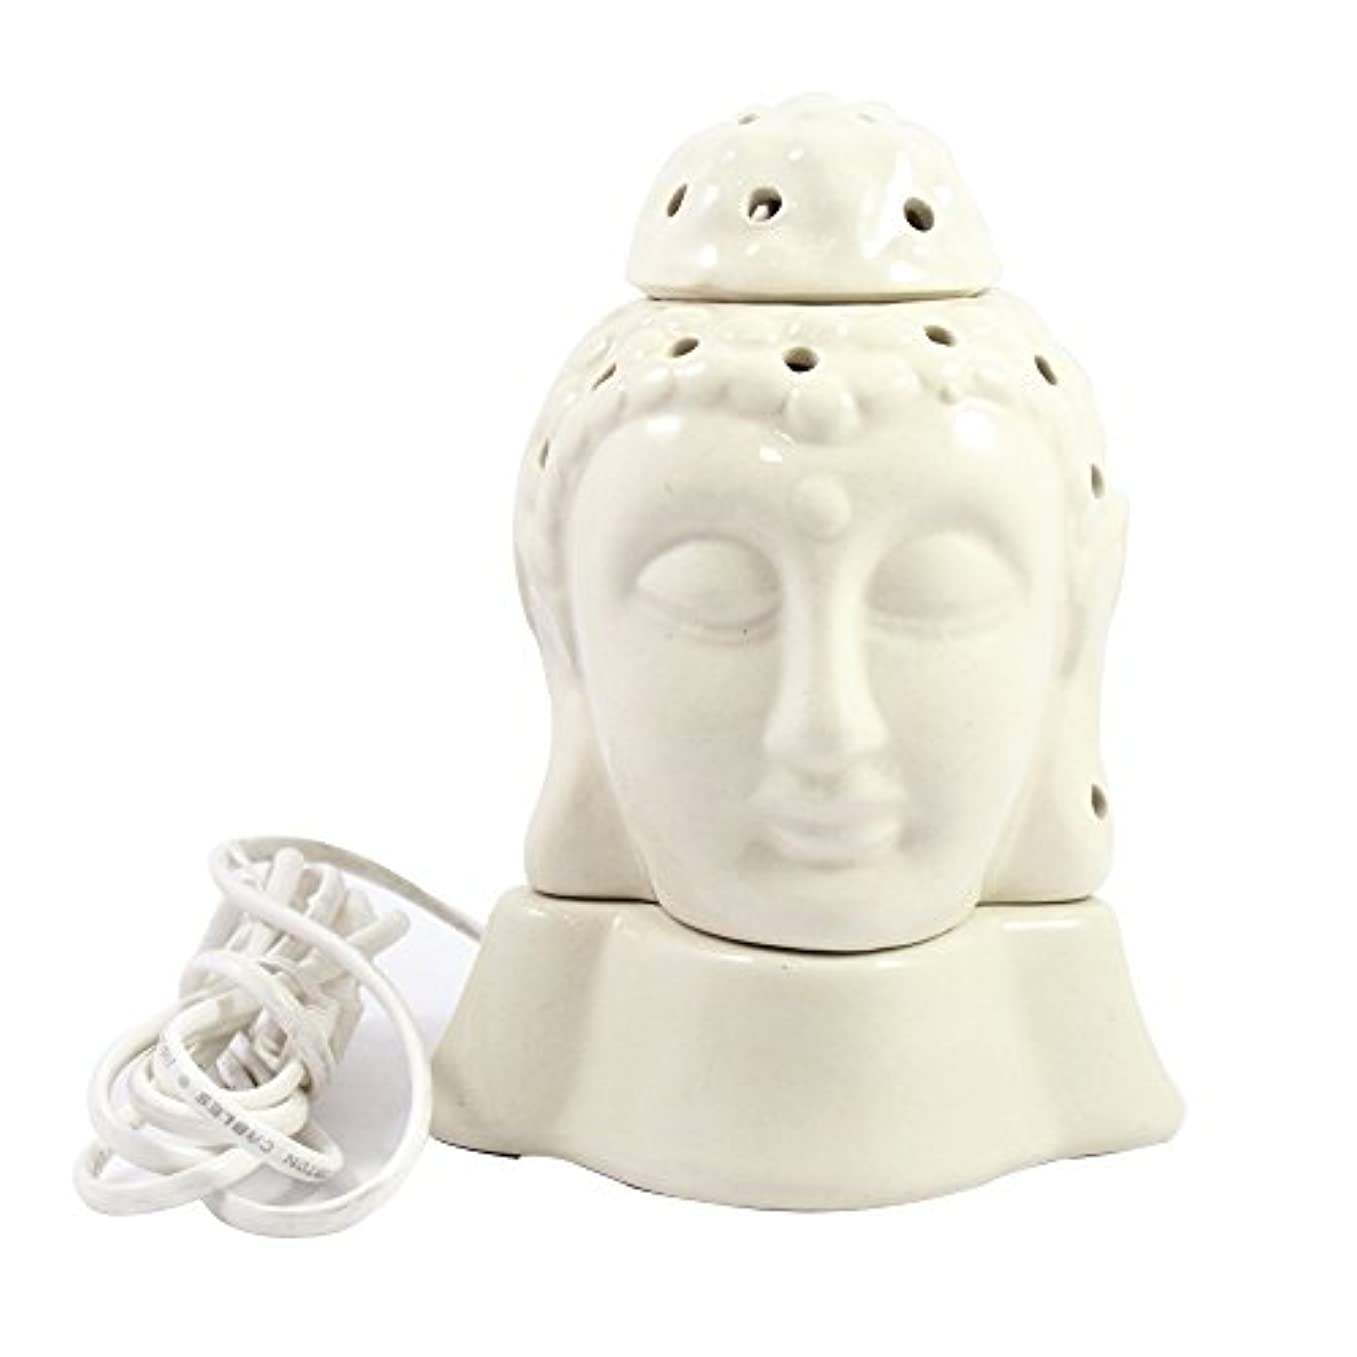 厳しい覚醒噴出するGautama Buddha電気アロマオイルバーナー&ティーライトランプ/良質ホワイトカラー数量1 /汚染無料手作りセラミック主仏電気T - ライトランプ&香油ディフューザー